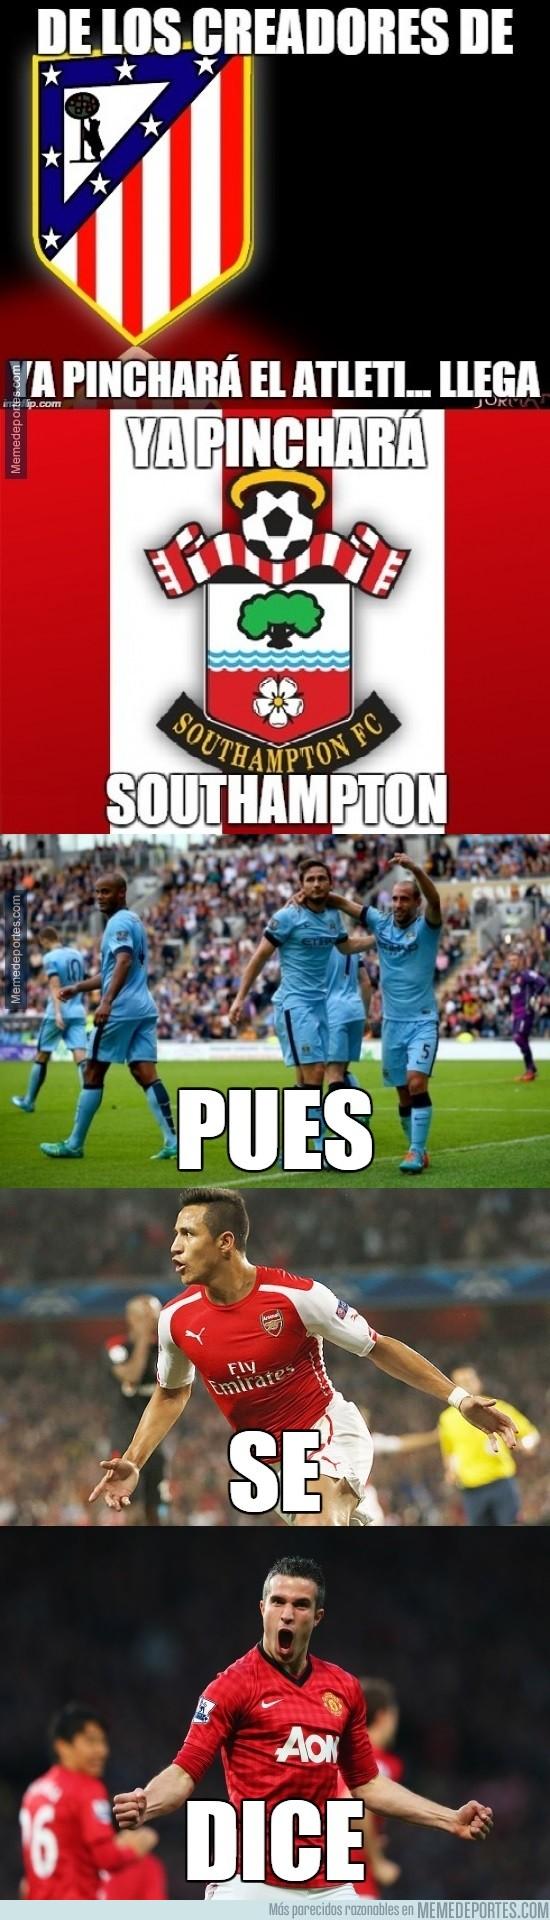 420704 - Southampton contra los grandes, ¡no es lo mismo!